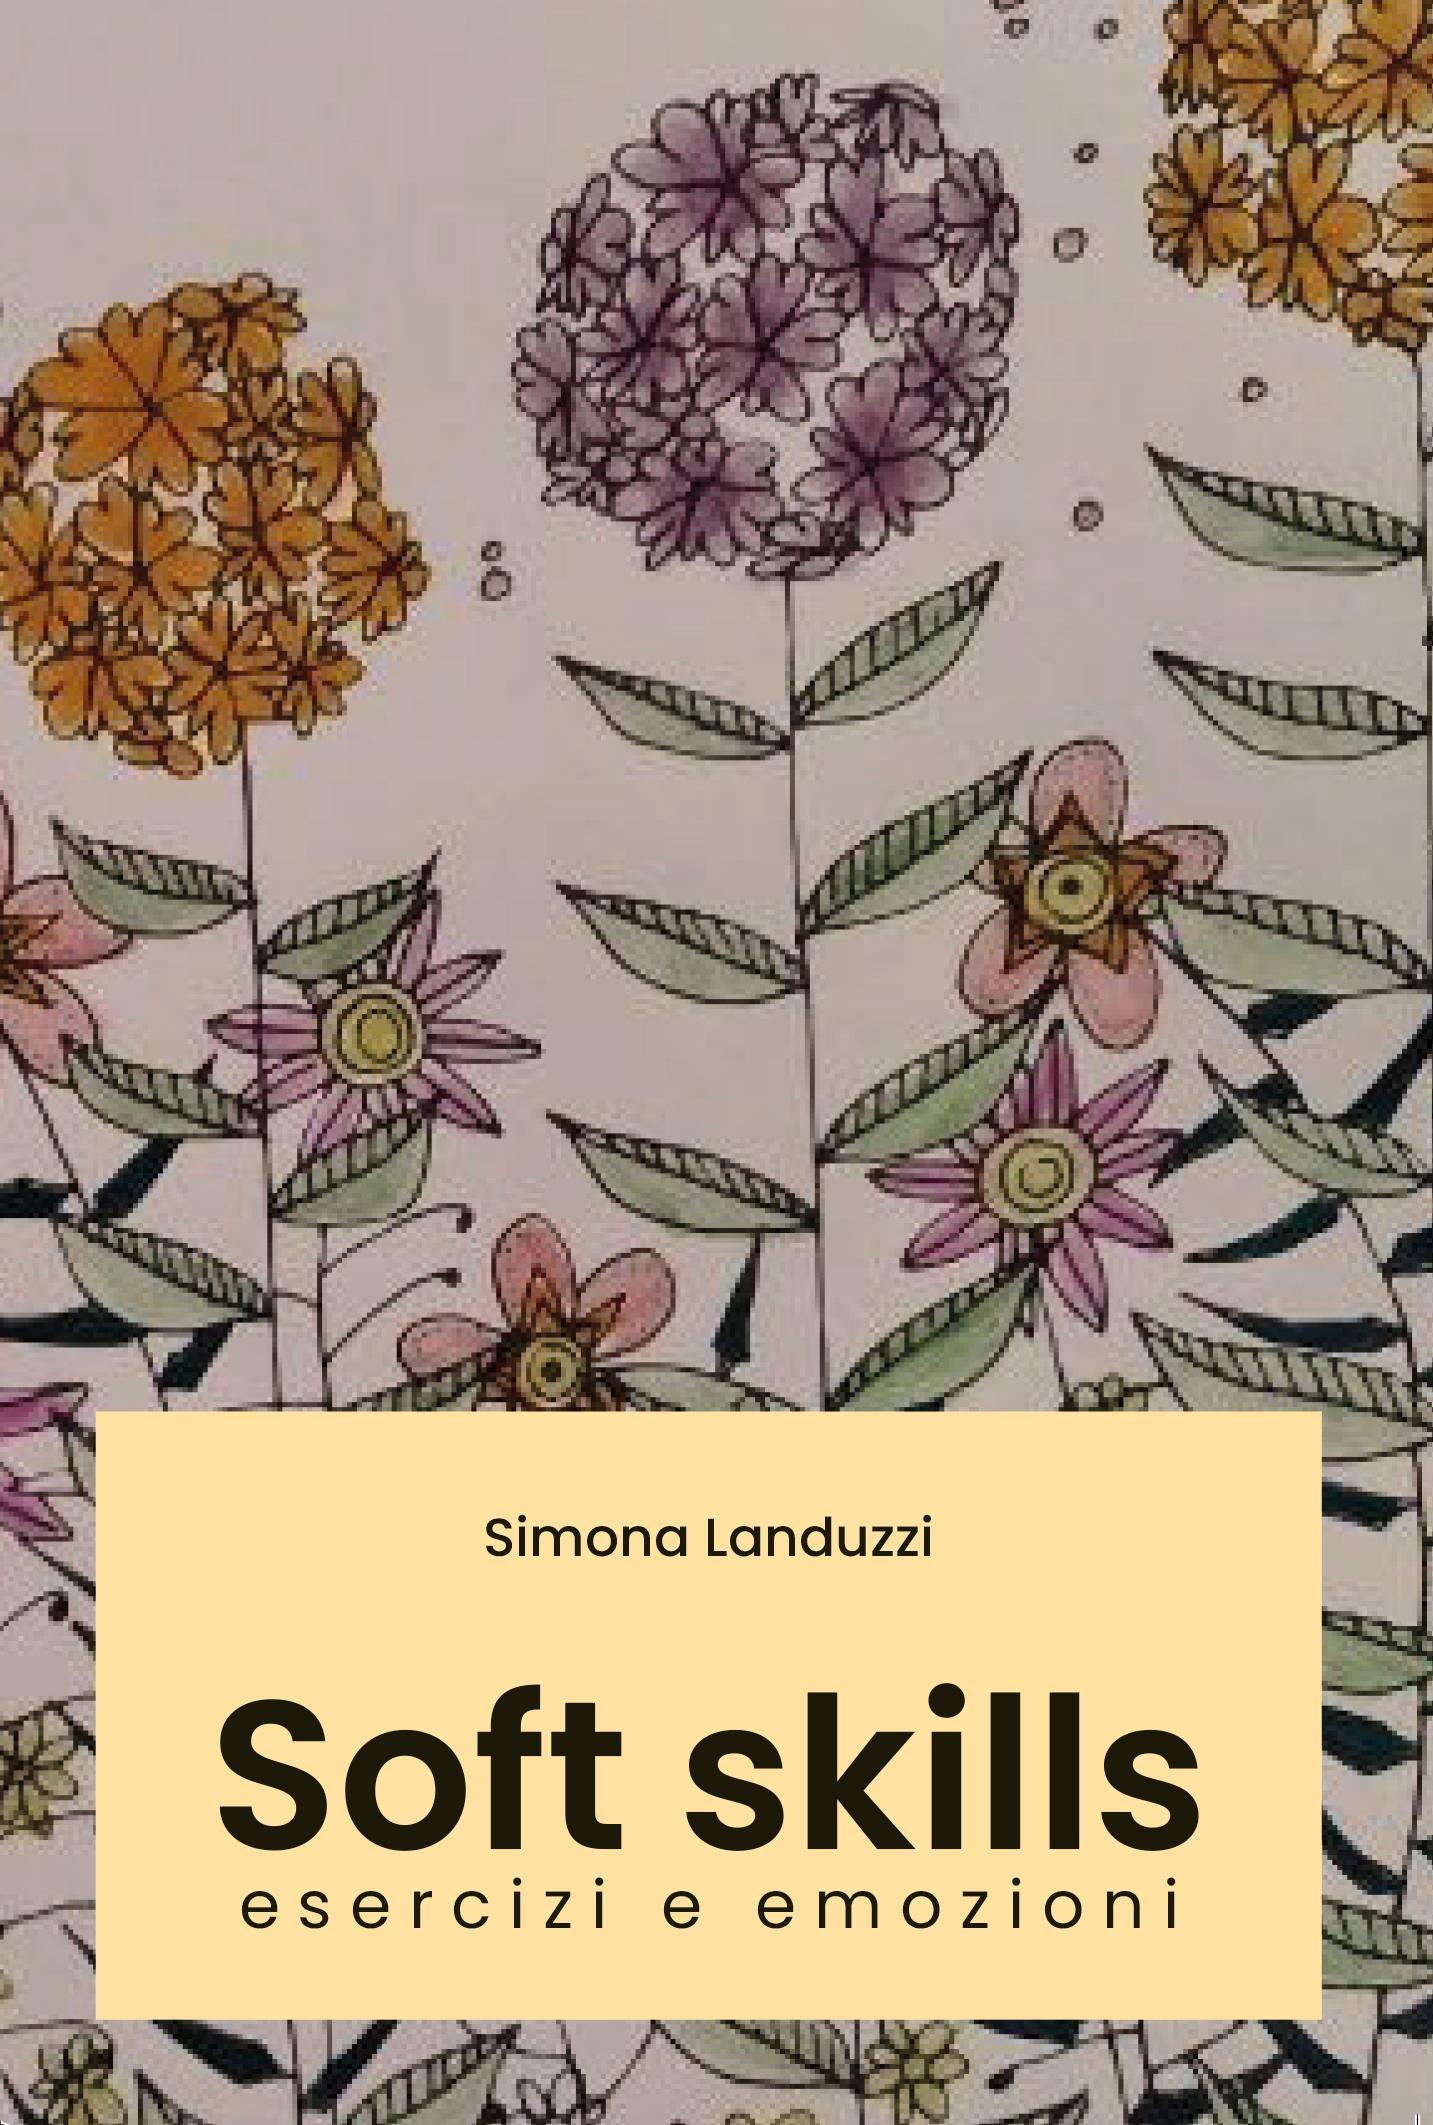 Soft skills: esercizi e emozioni.